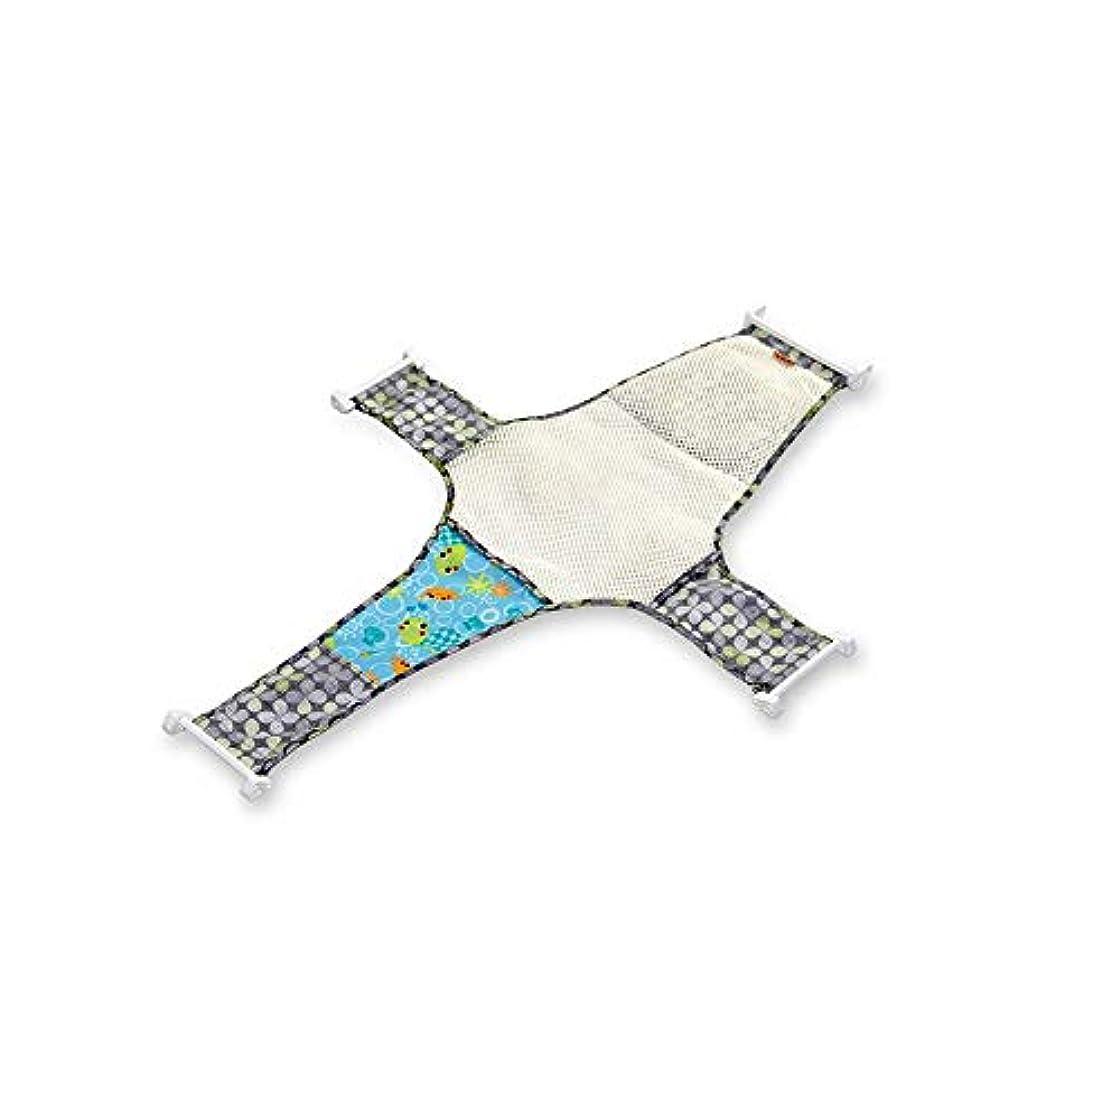 問い合わせるレッスンベイビーOnior調整可能 十字メッシュ パターン バスタブ 座席 スタンドネット 滑り止め 浴槽網 耐久性